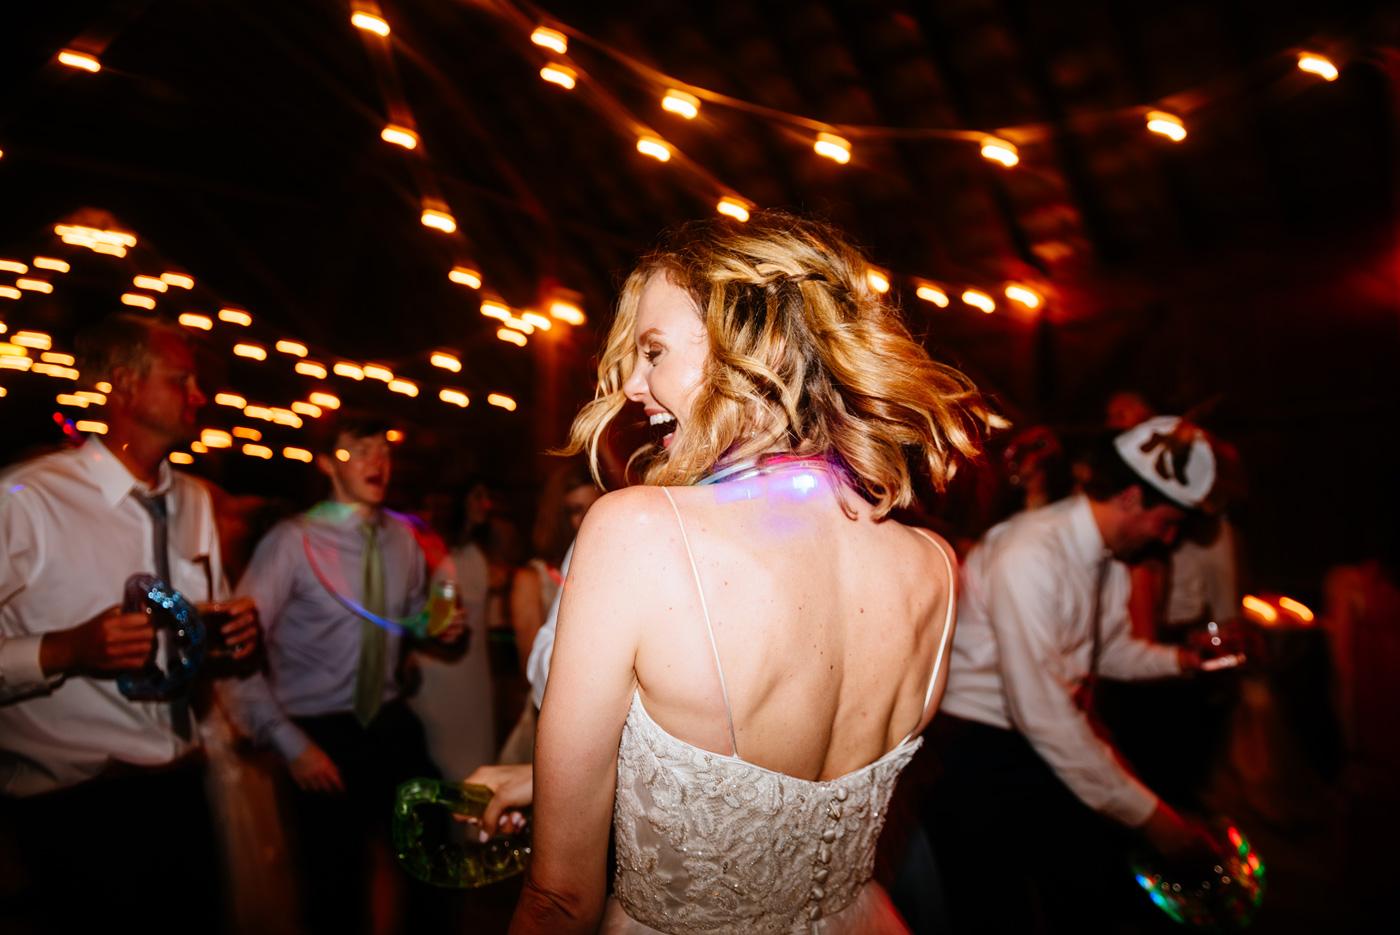 happy bride dancing at wedding reception